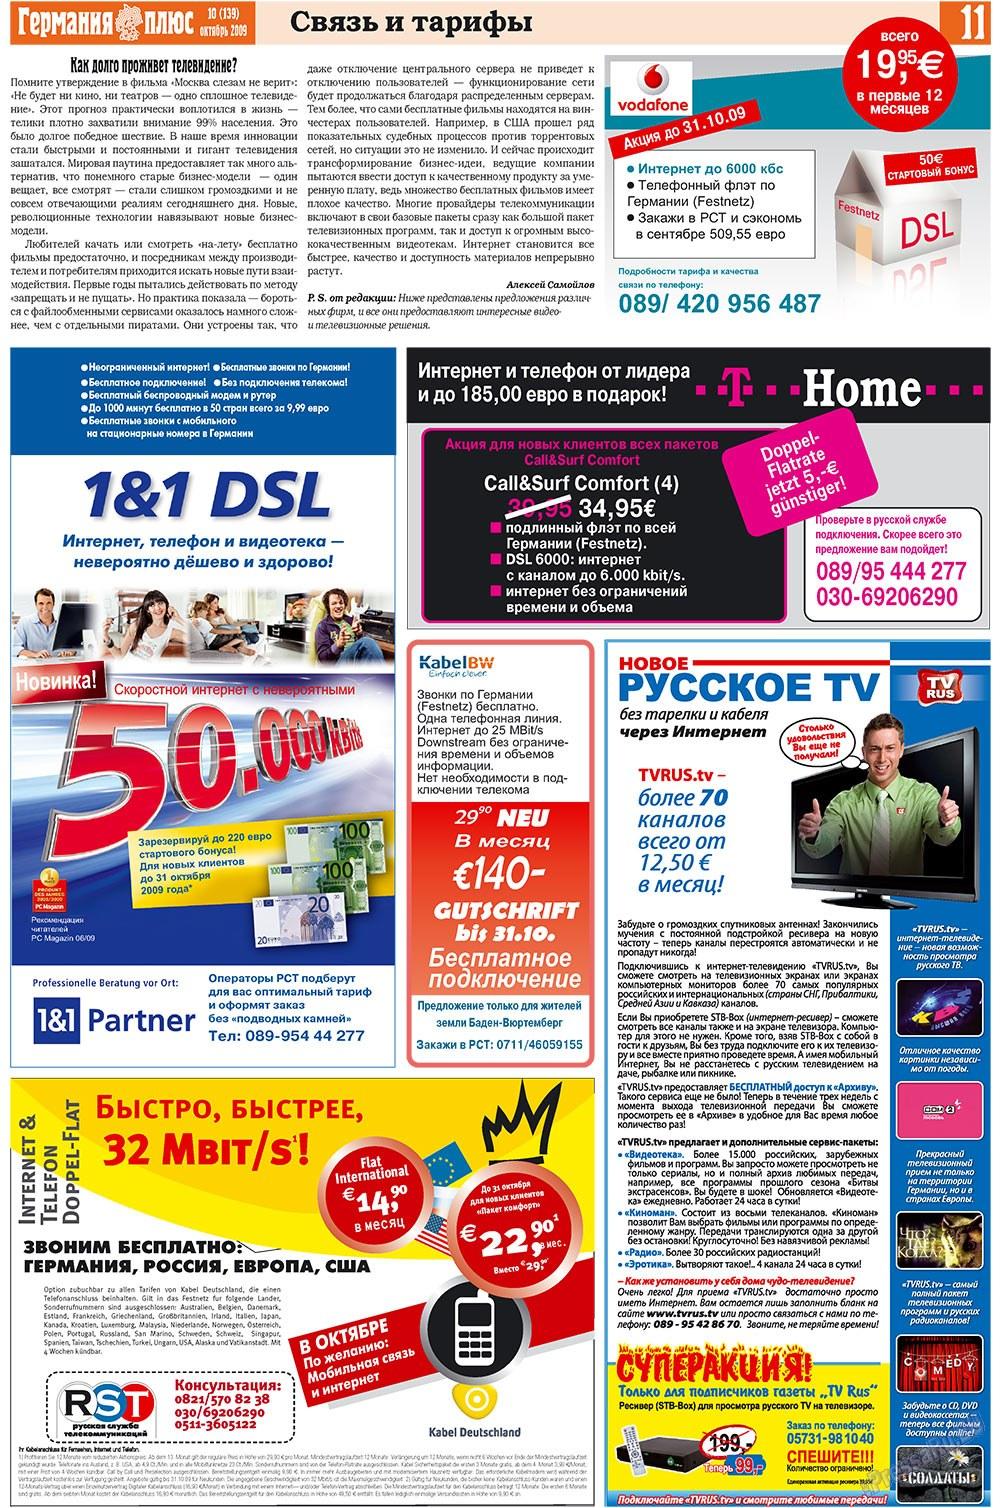 Германия плюс (газета). 2009 год, номер 10, стр. 11